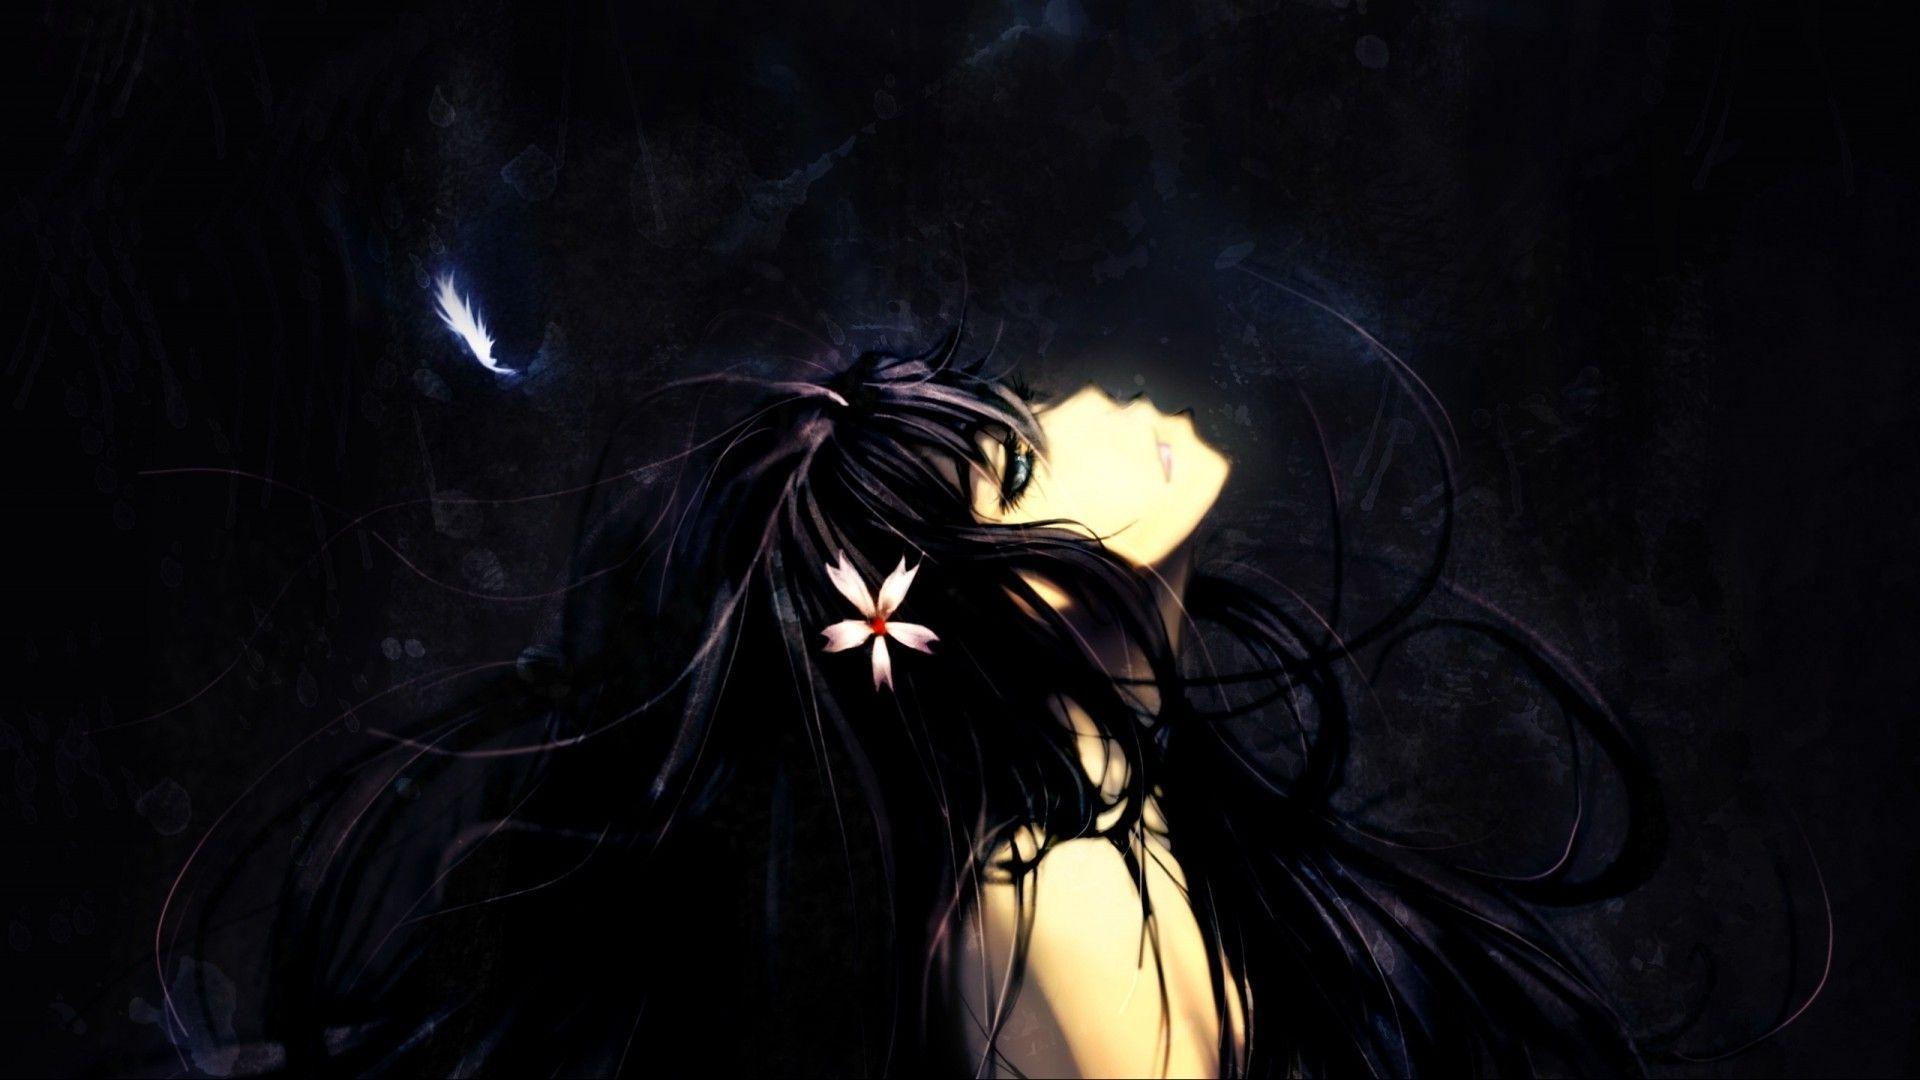 Black Hair Anime Girl Desktop Wallpapers - Wallpaper Cave